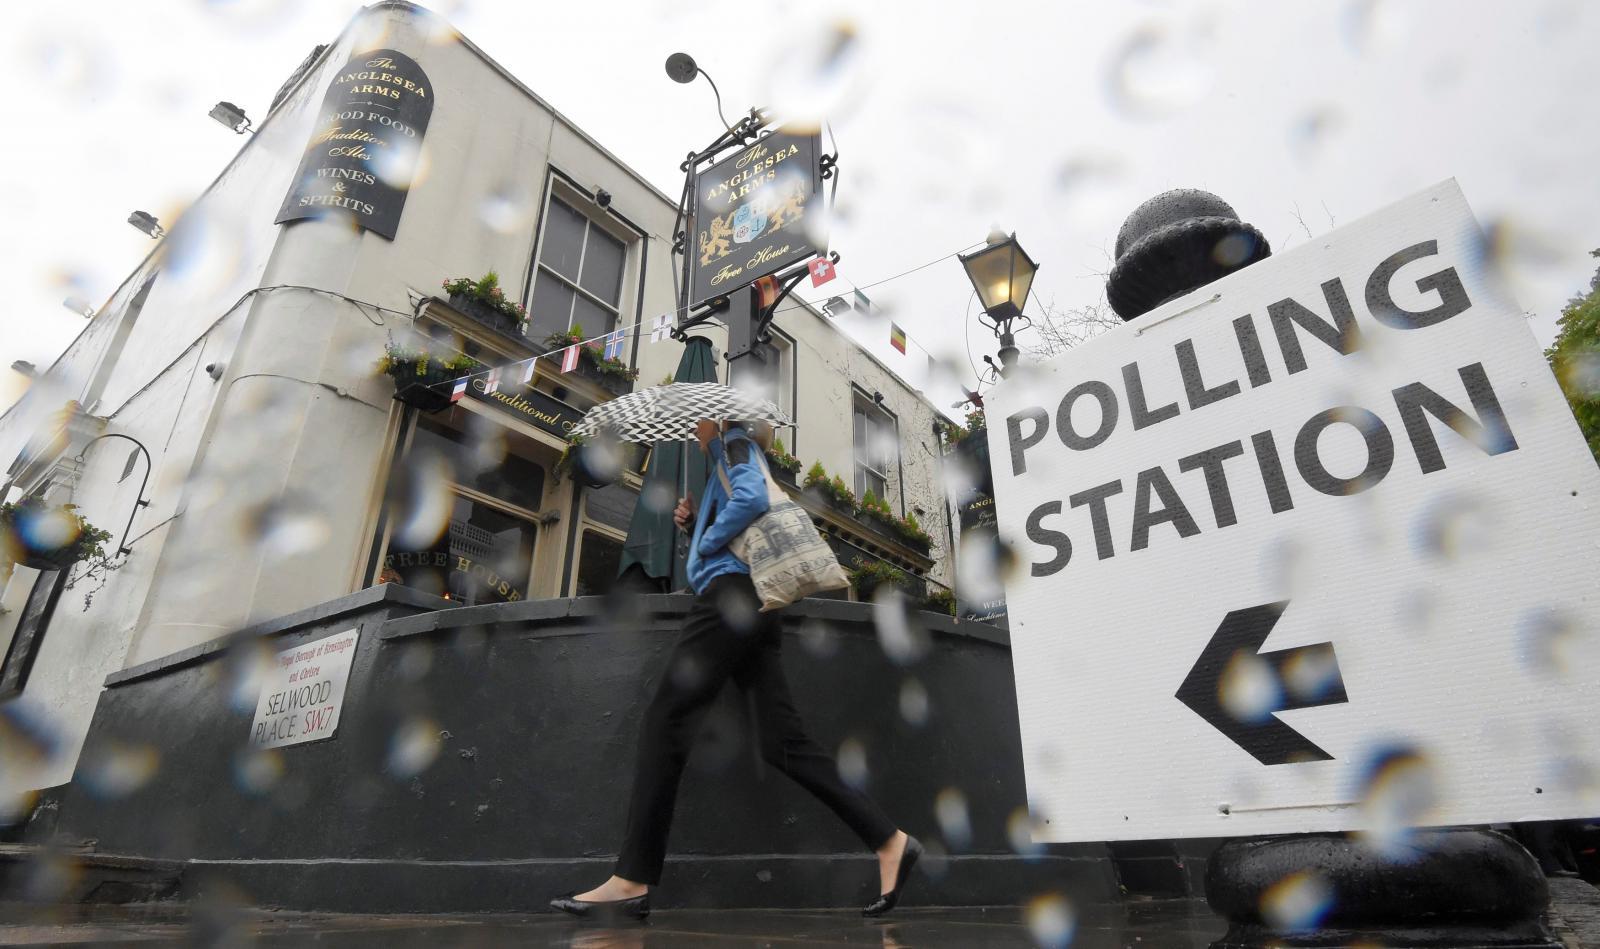 Deštivě počasí v Londýně v den referenda o setrvání Británie v EU